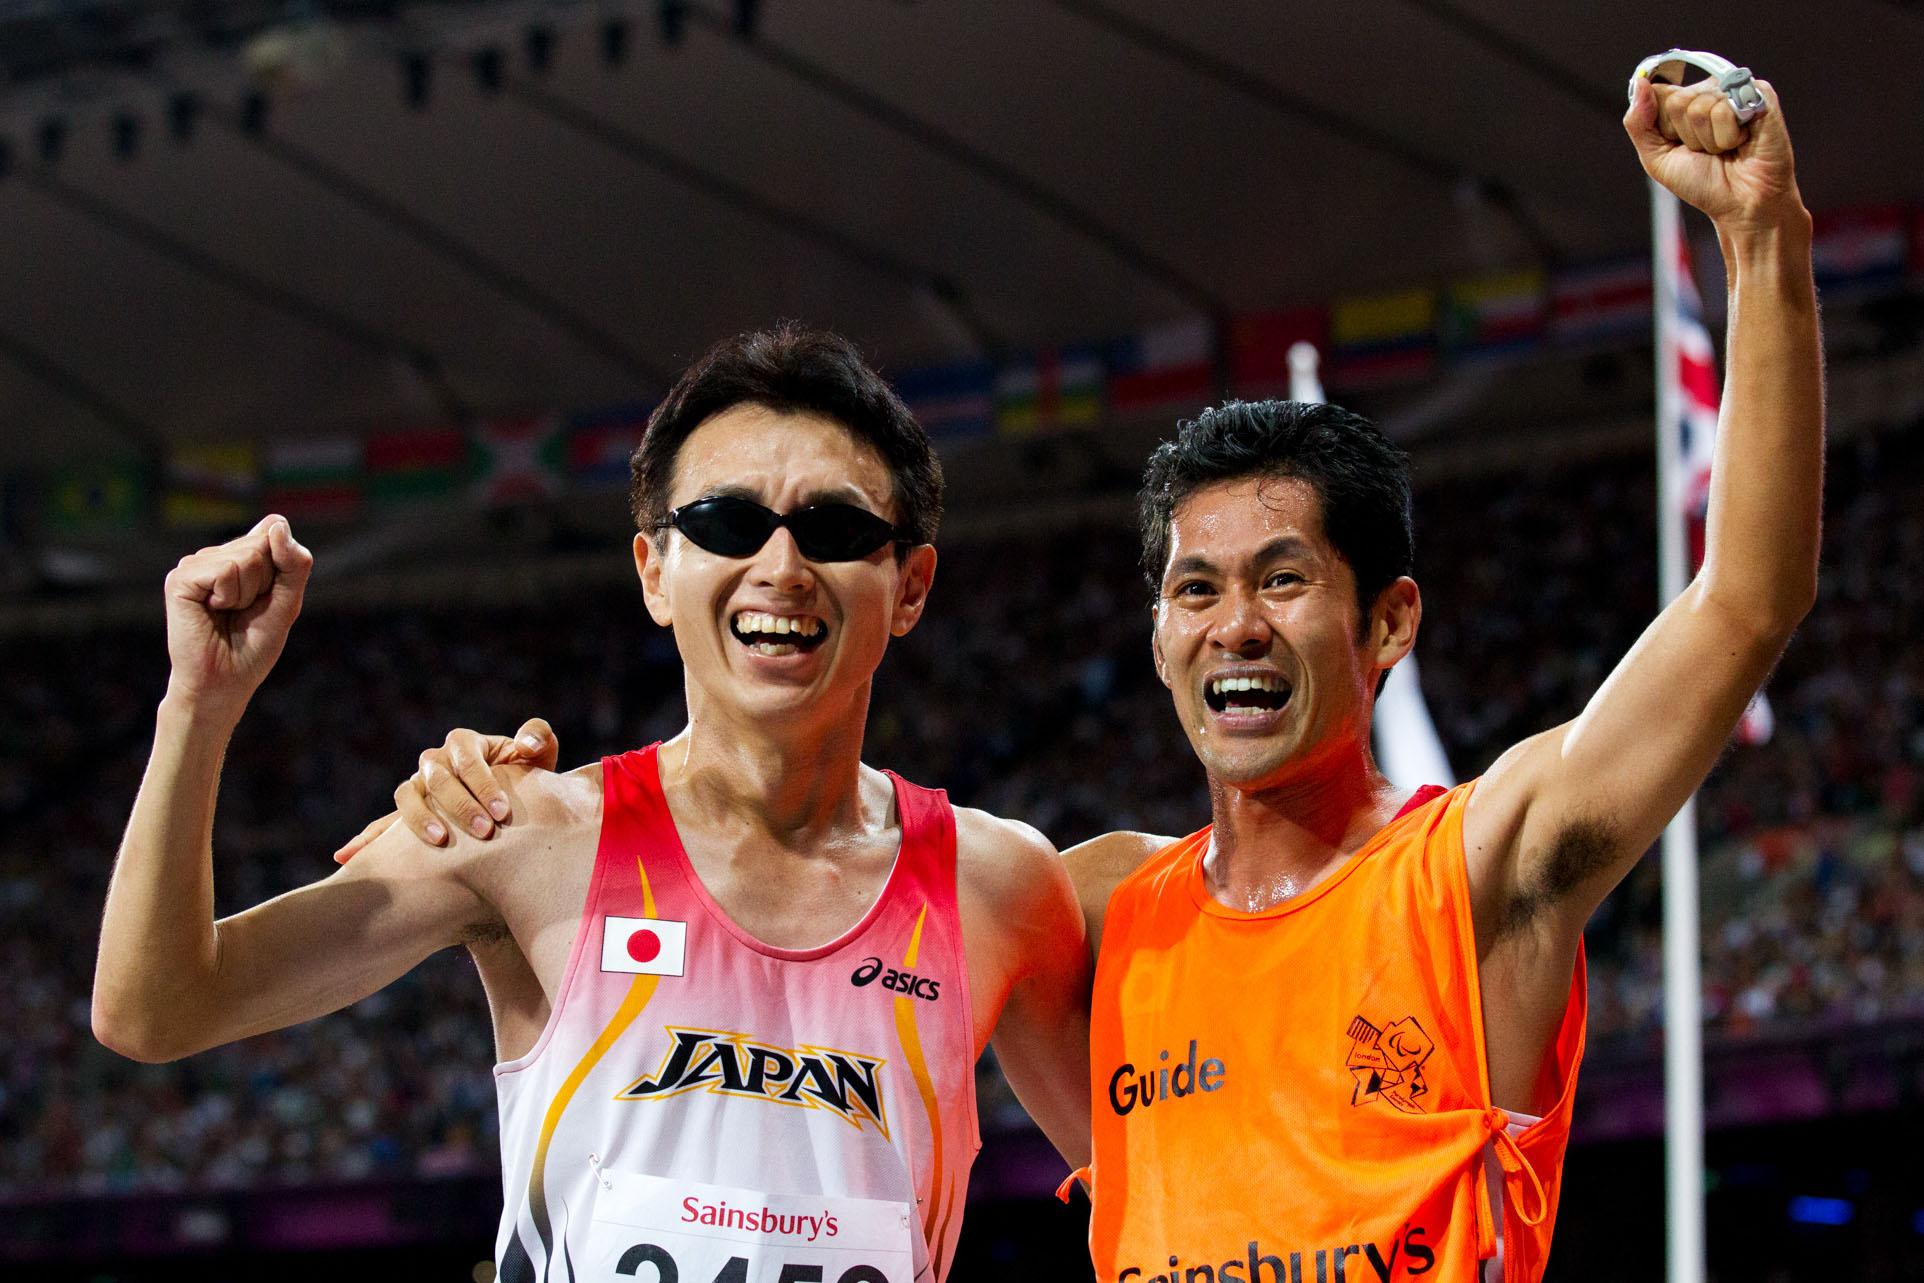 ロンドン大会5000mで銅メダルを獲得した和田(撮影:越智貴雄)